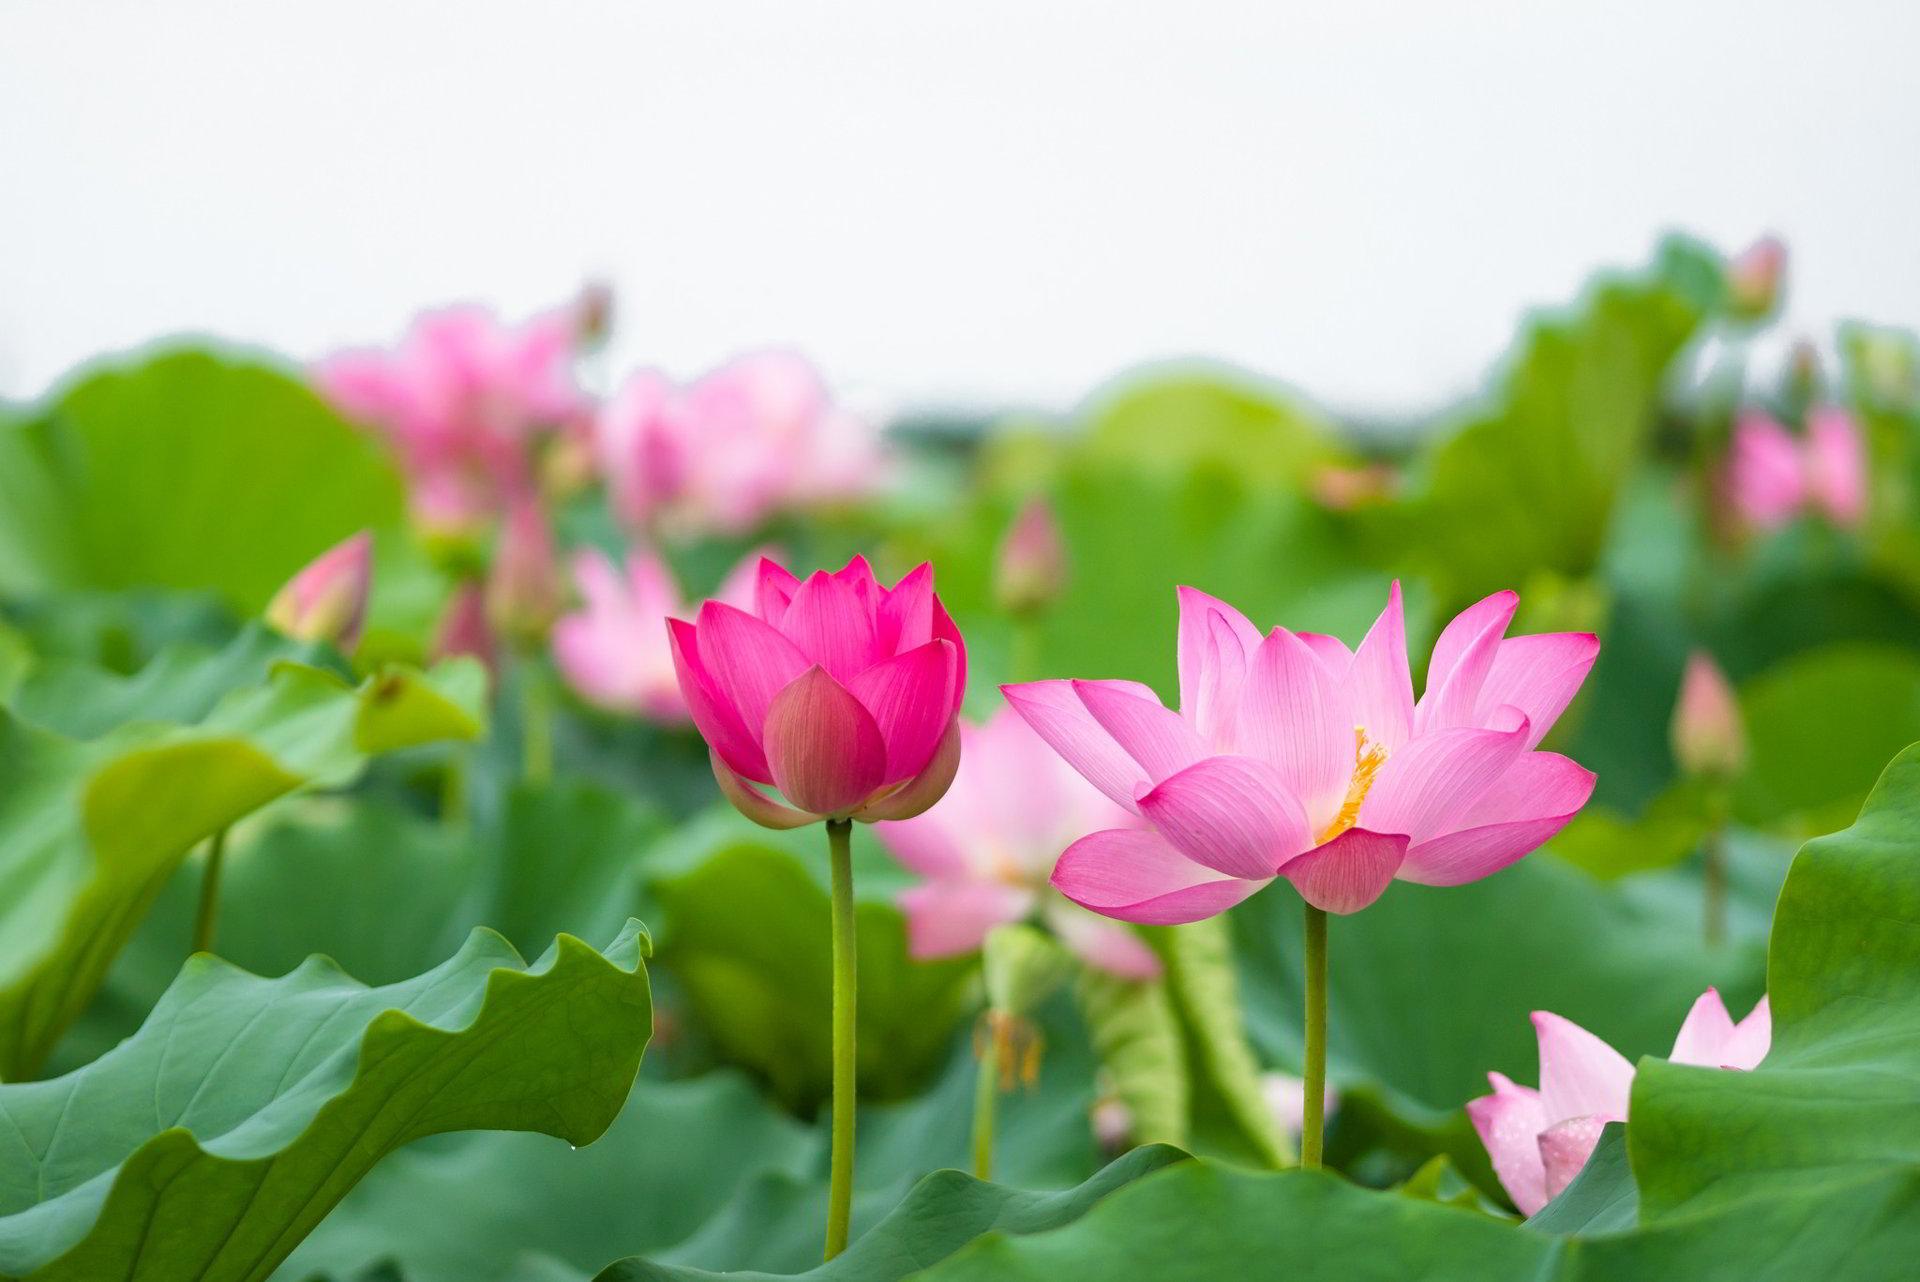 Trên đây là top những hình ảnh về hoa sen đẹp nhất mà chúng tôi gửi đến bạn. Chúc bạn ngắm hoa vui vẻ và tải được những hình ảnh mà mình ...